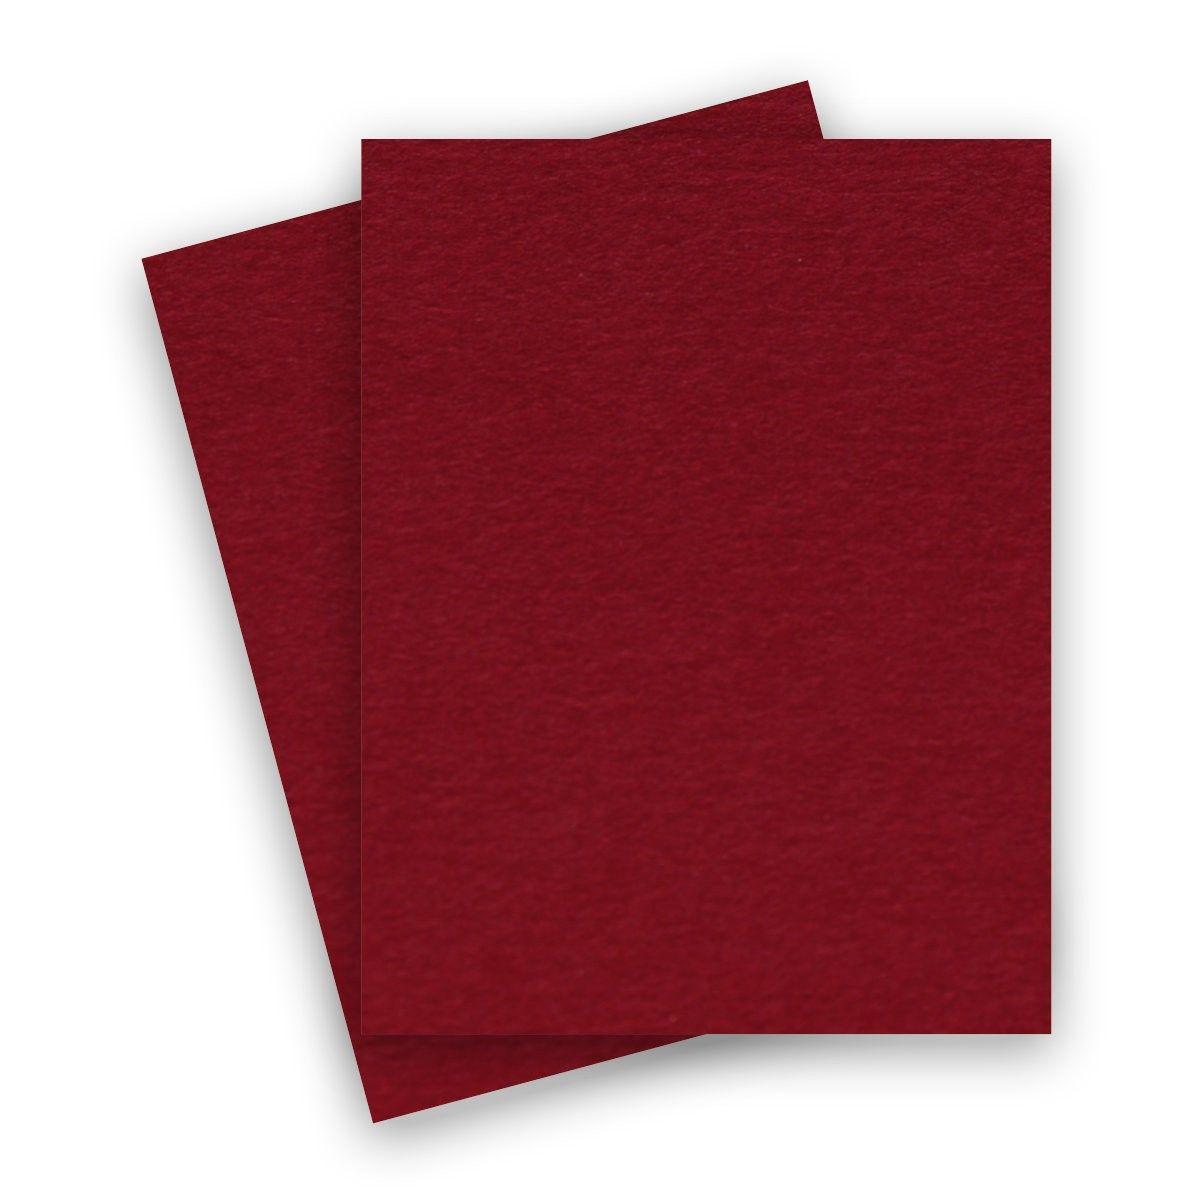 Basis Colors 8 5 X 11 Cardstock Paper Dark Red 80lb Cover 100 Pk In 2021 Cover Paper Paper Cardstock Paper